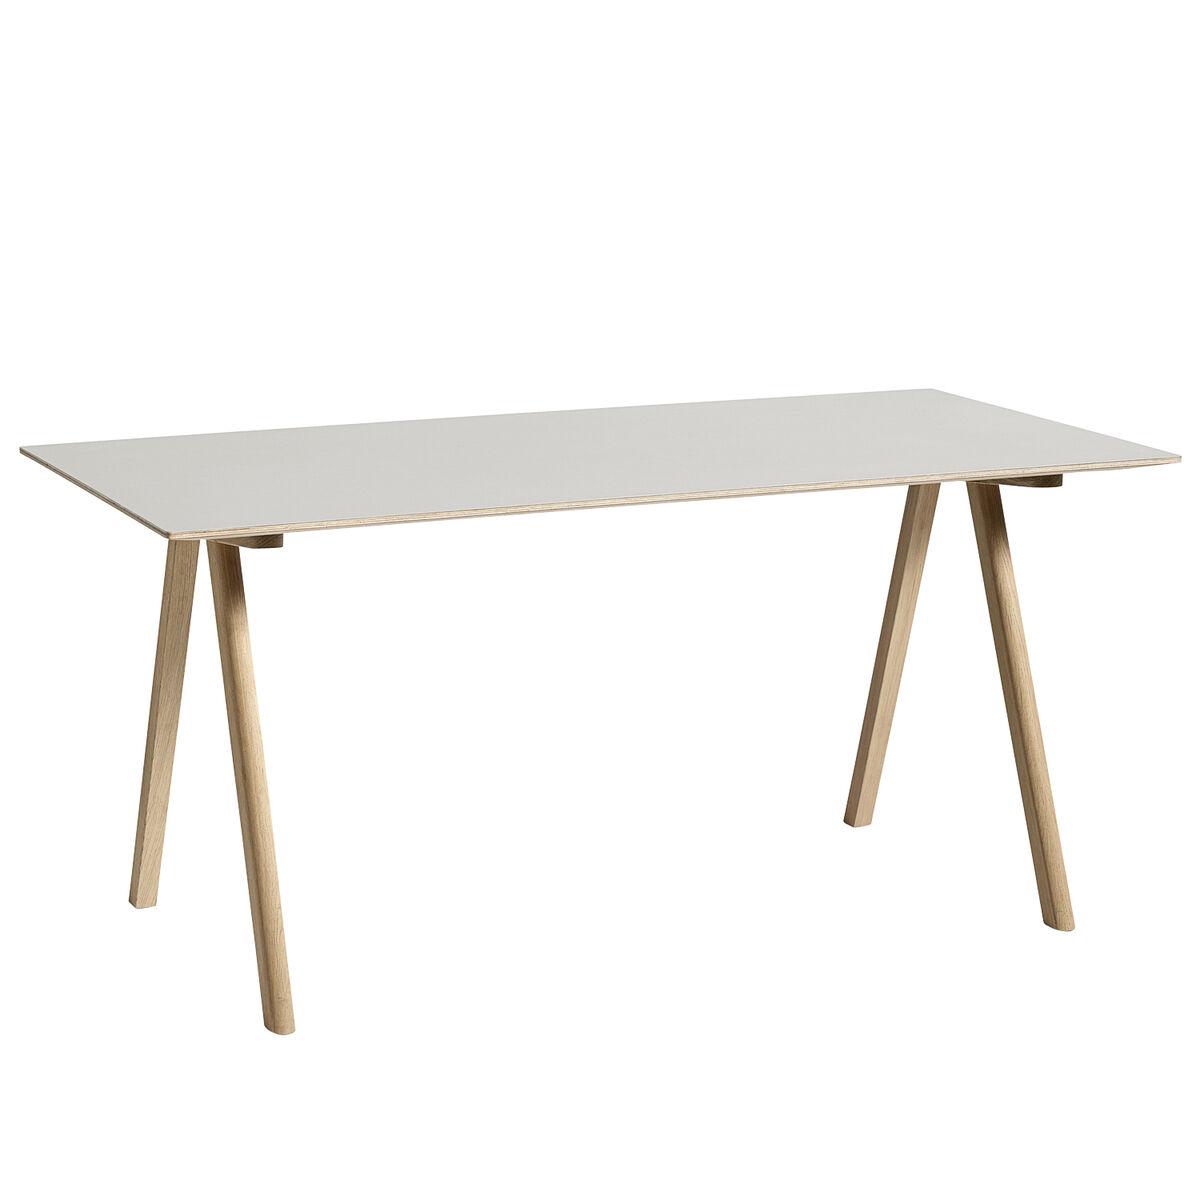 Image of Hay CPH10 pöytä 160x80 cm, mattalakattu tammi - luonnonvalk. lino